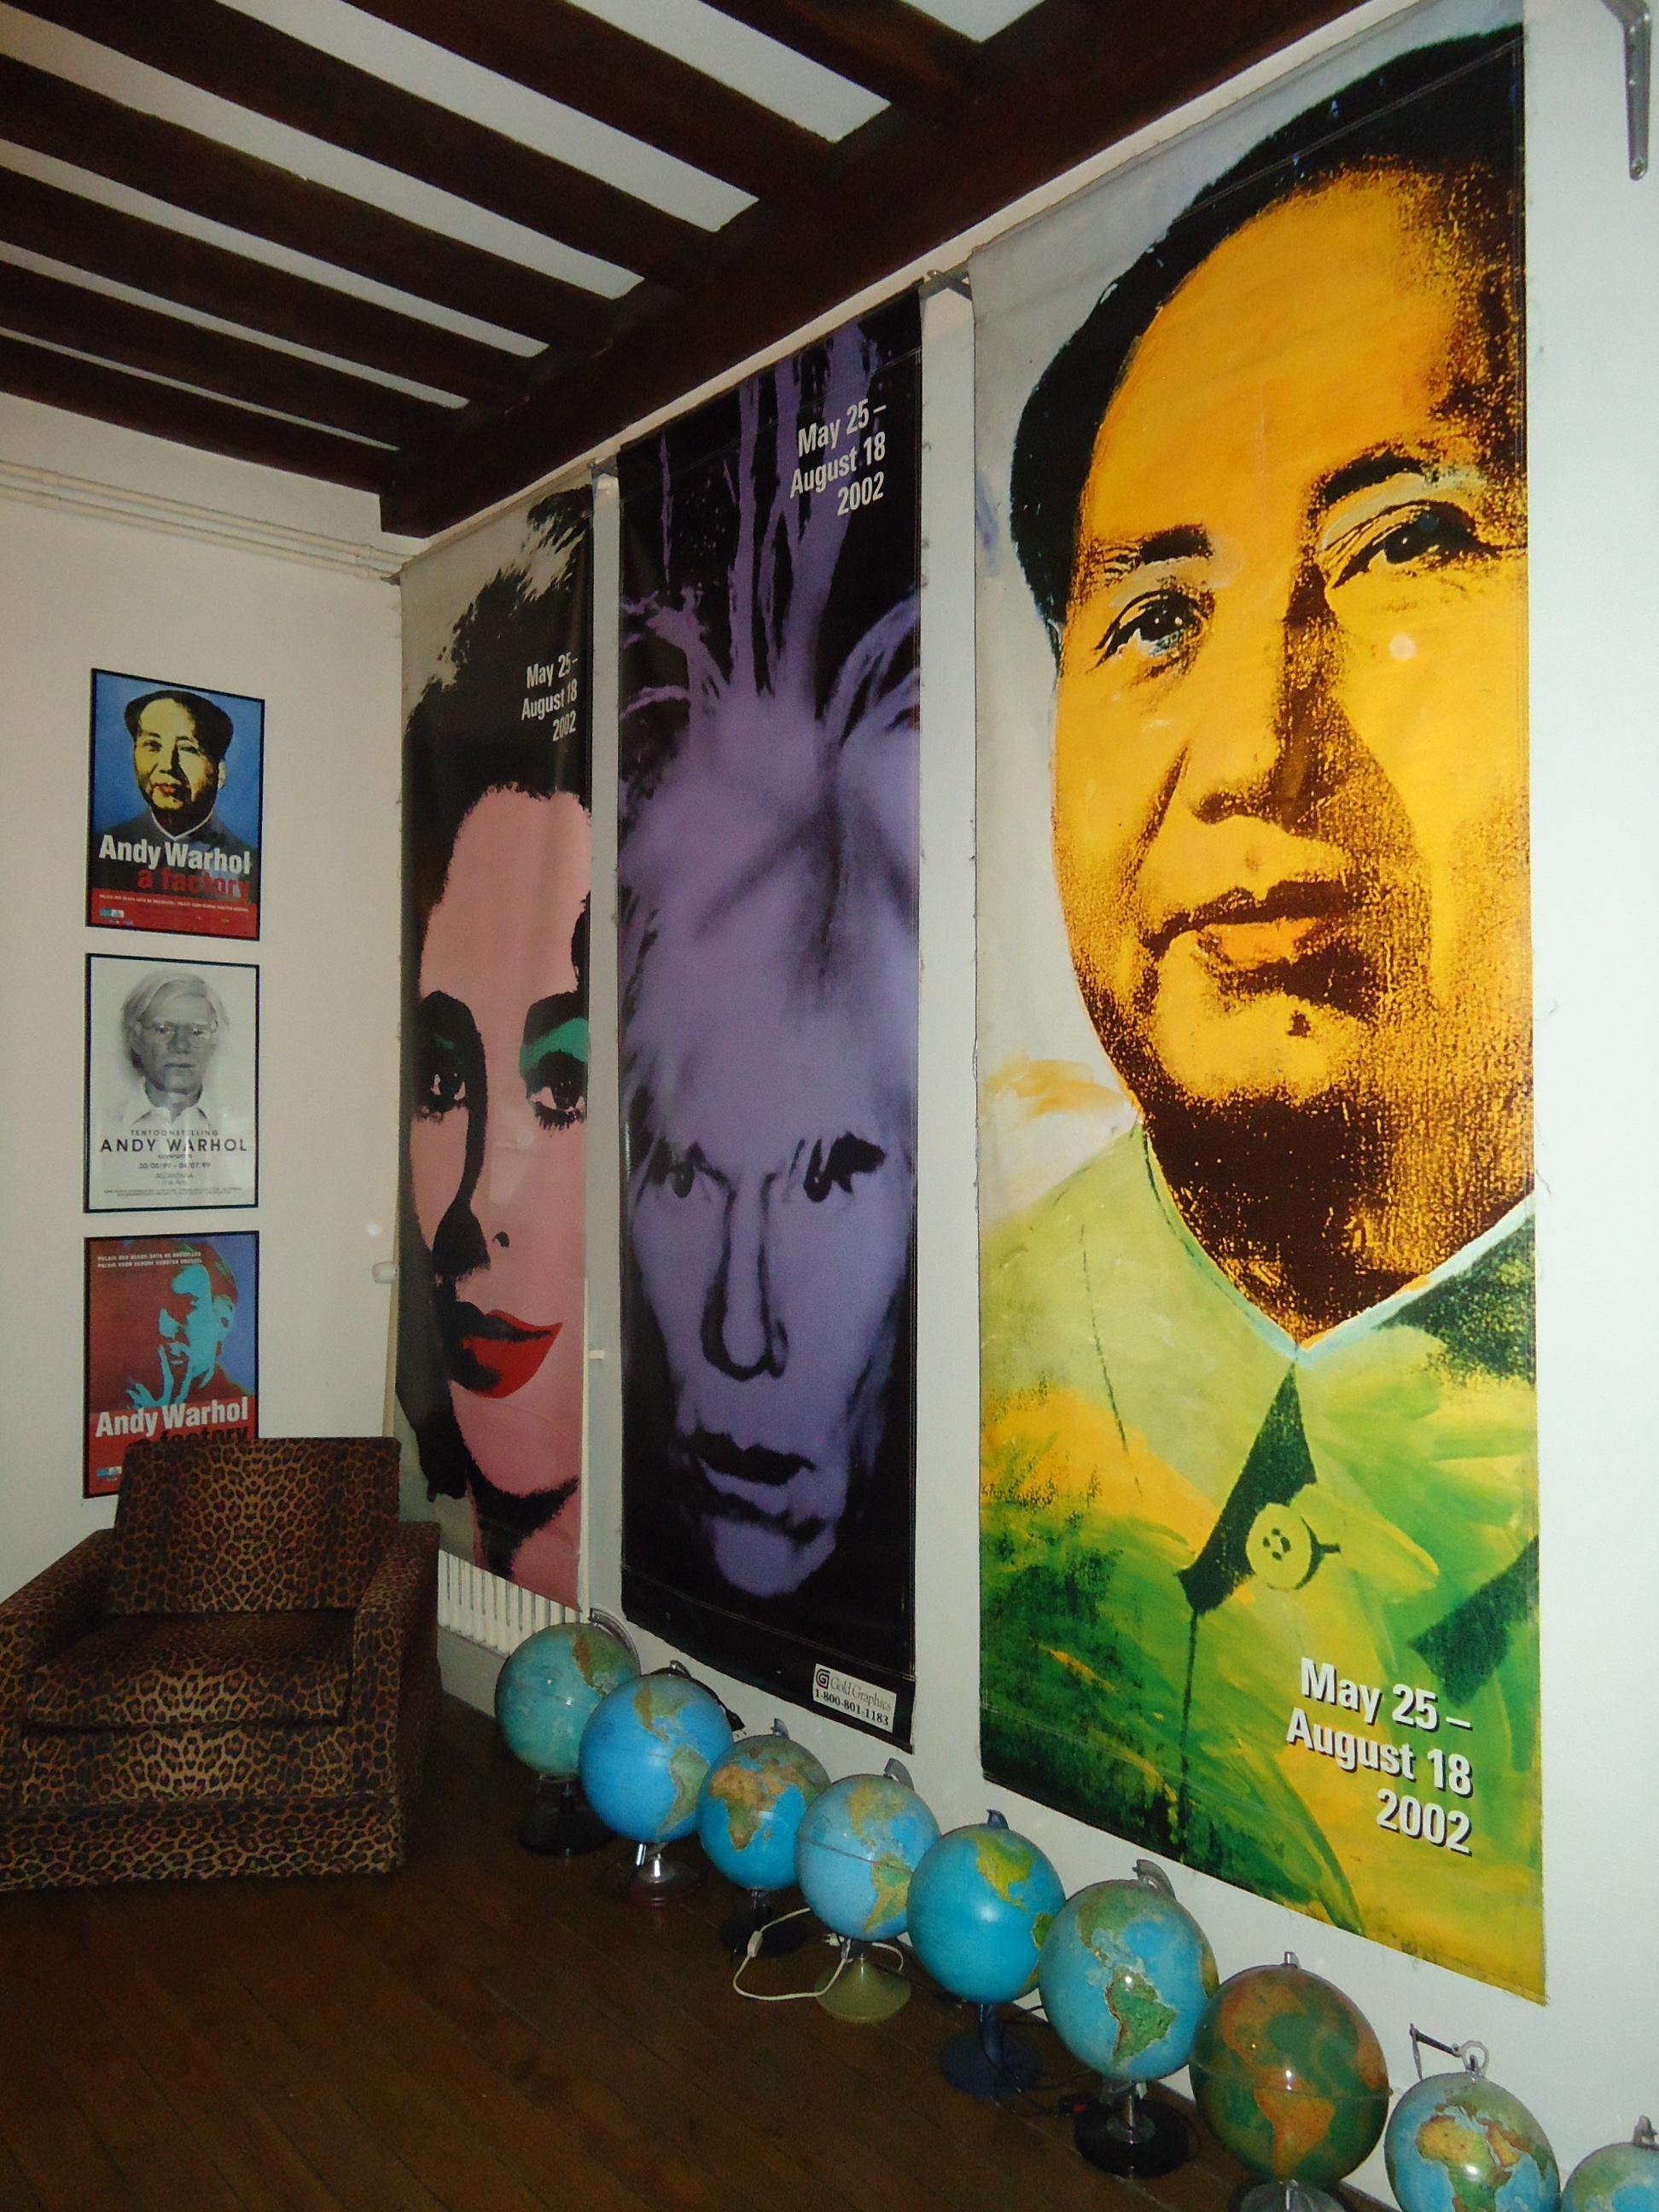 Diederik Vandenbilcke's Warhol exhibition in Ypres